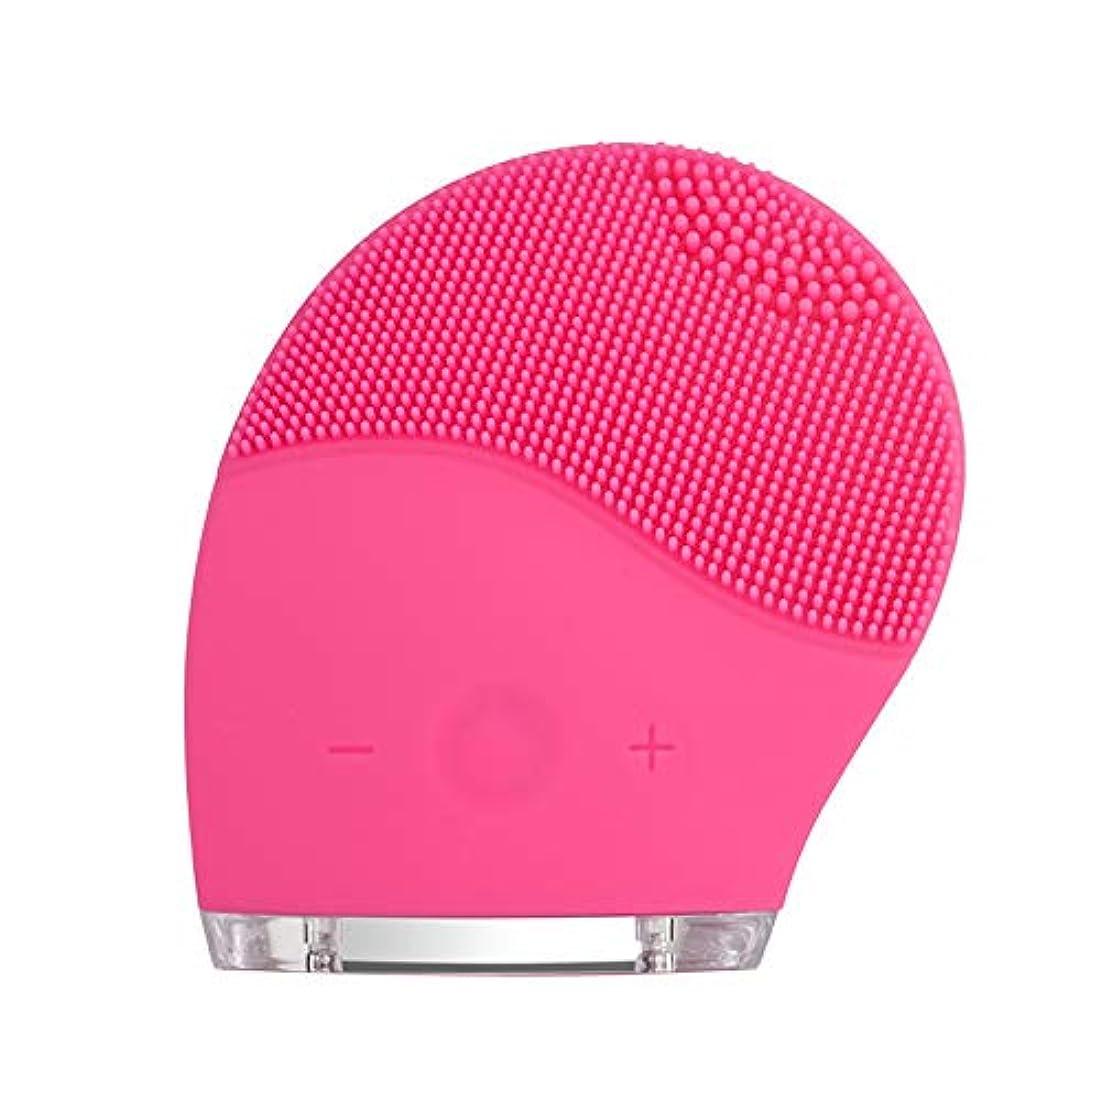 スタックために海峡ひもkaixi 2019最新のシリコーンクレンジング楽器洗浄ブラシ電気美容器具毛穴きれいな柔らかい髪振動充電式洗浄アーティファクト